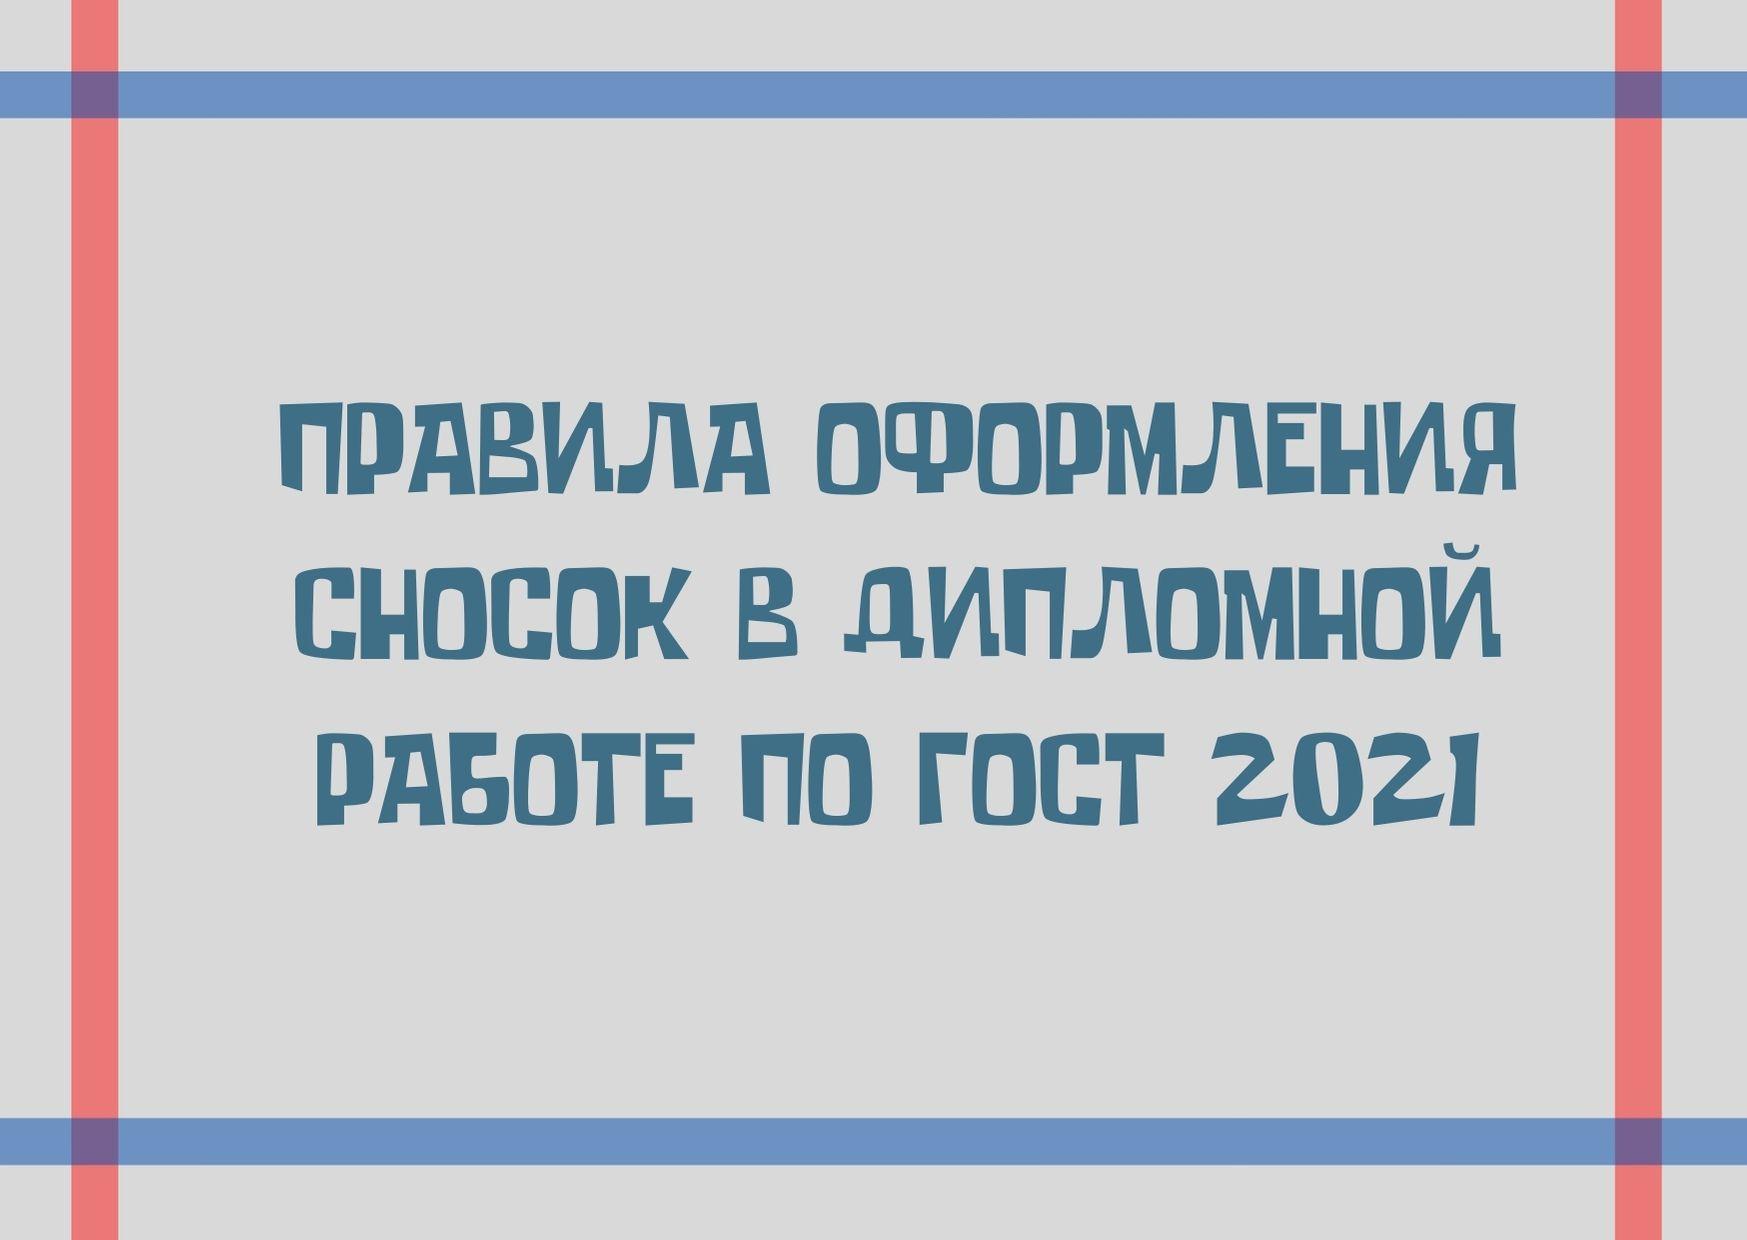 Правила оформления сносок в дипломной работе по ГОСТ 2021